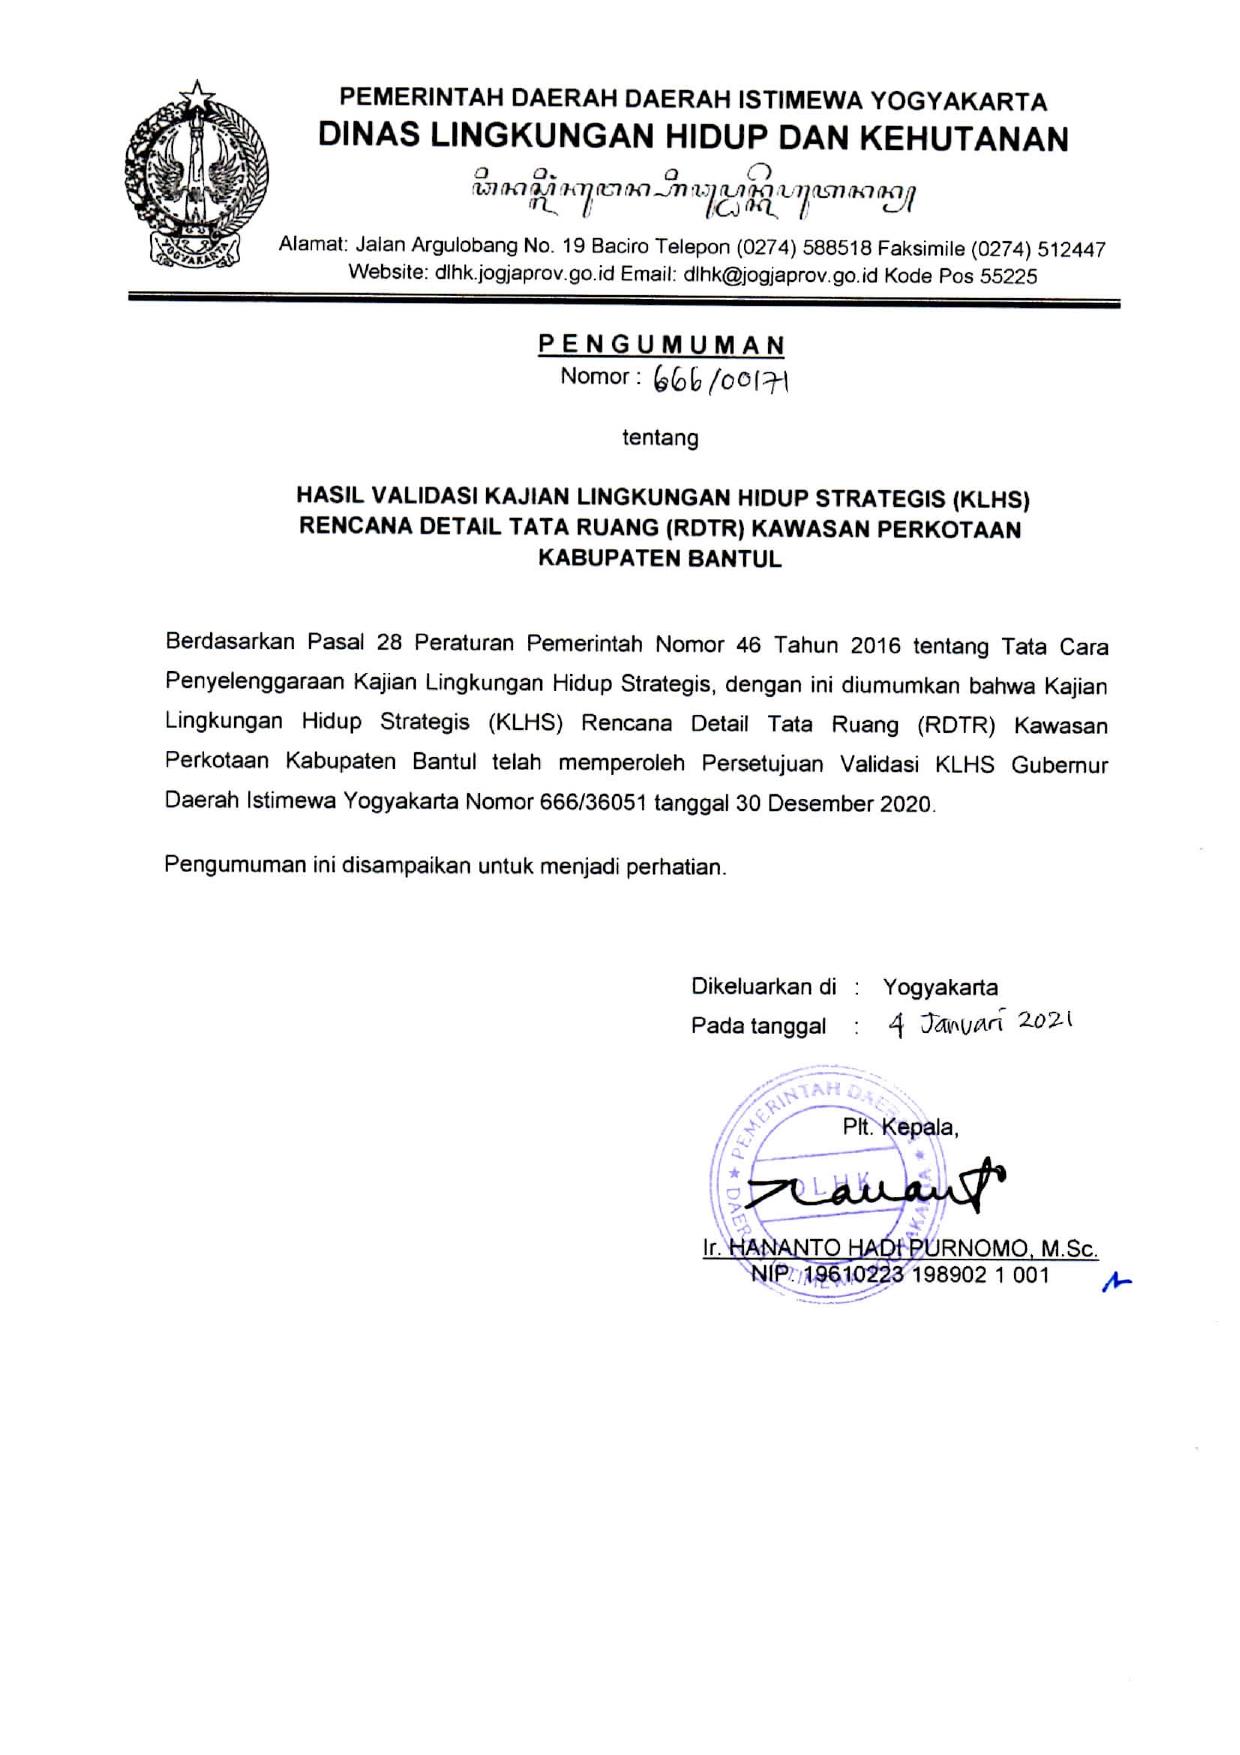 Hasil Validasi KLHS RDTR Kawasan Perkotaan Kabupaten Bantul